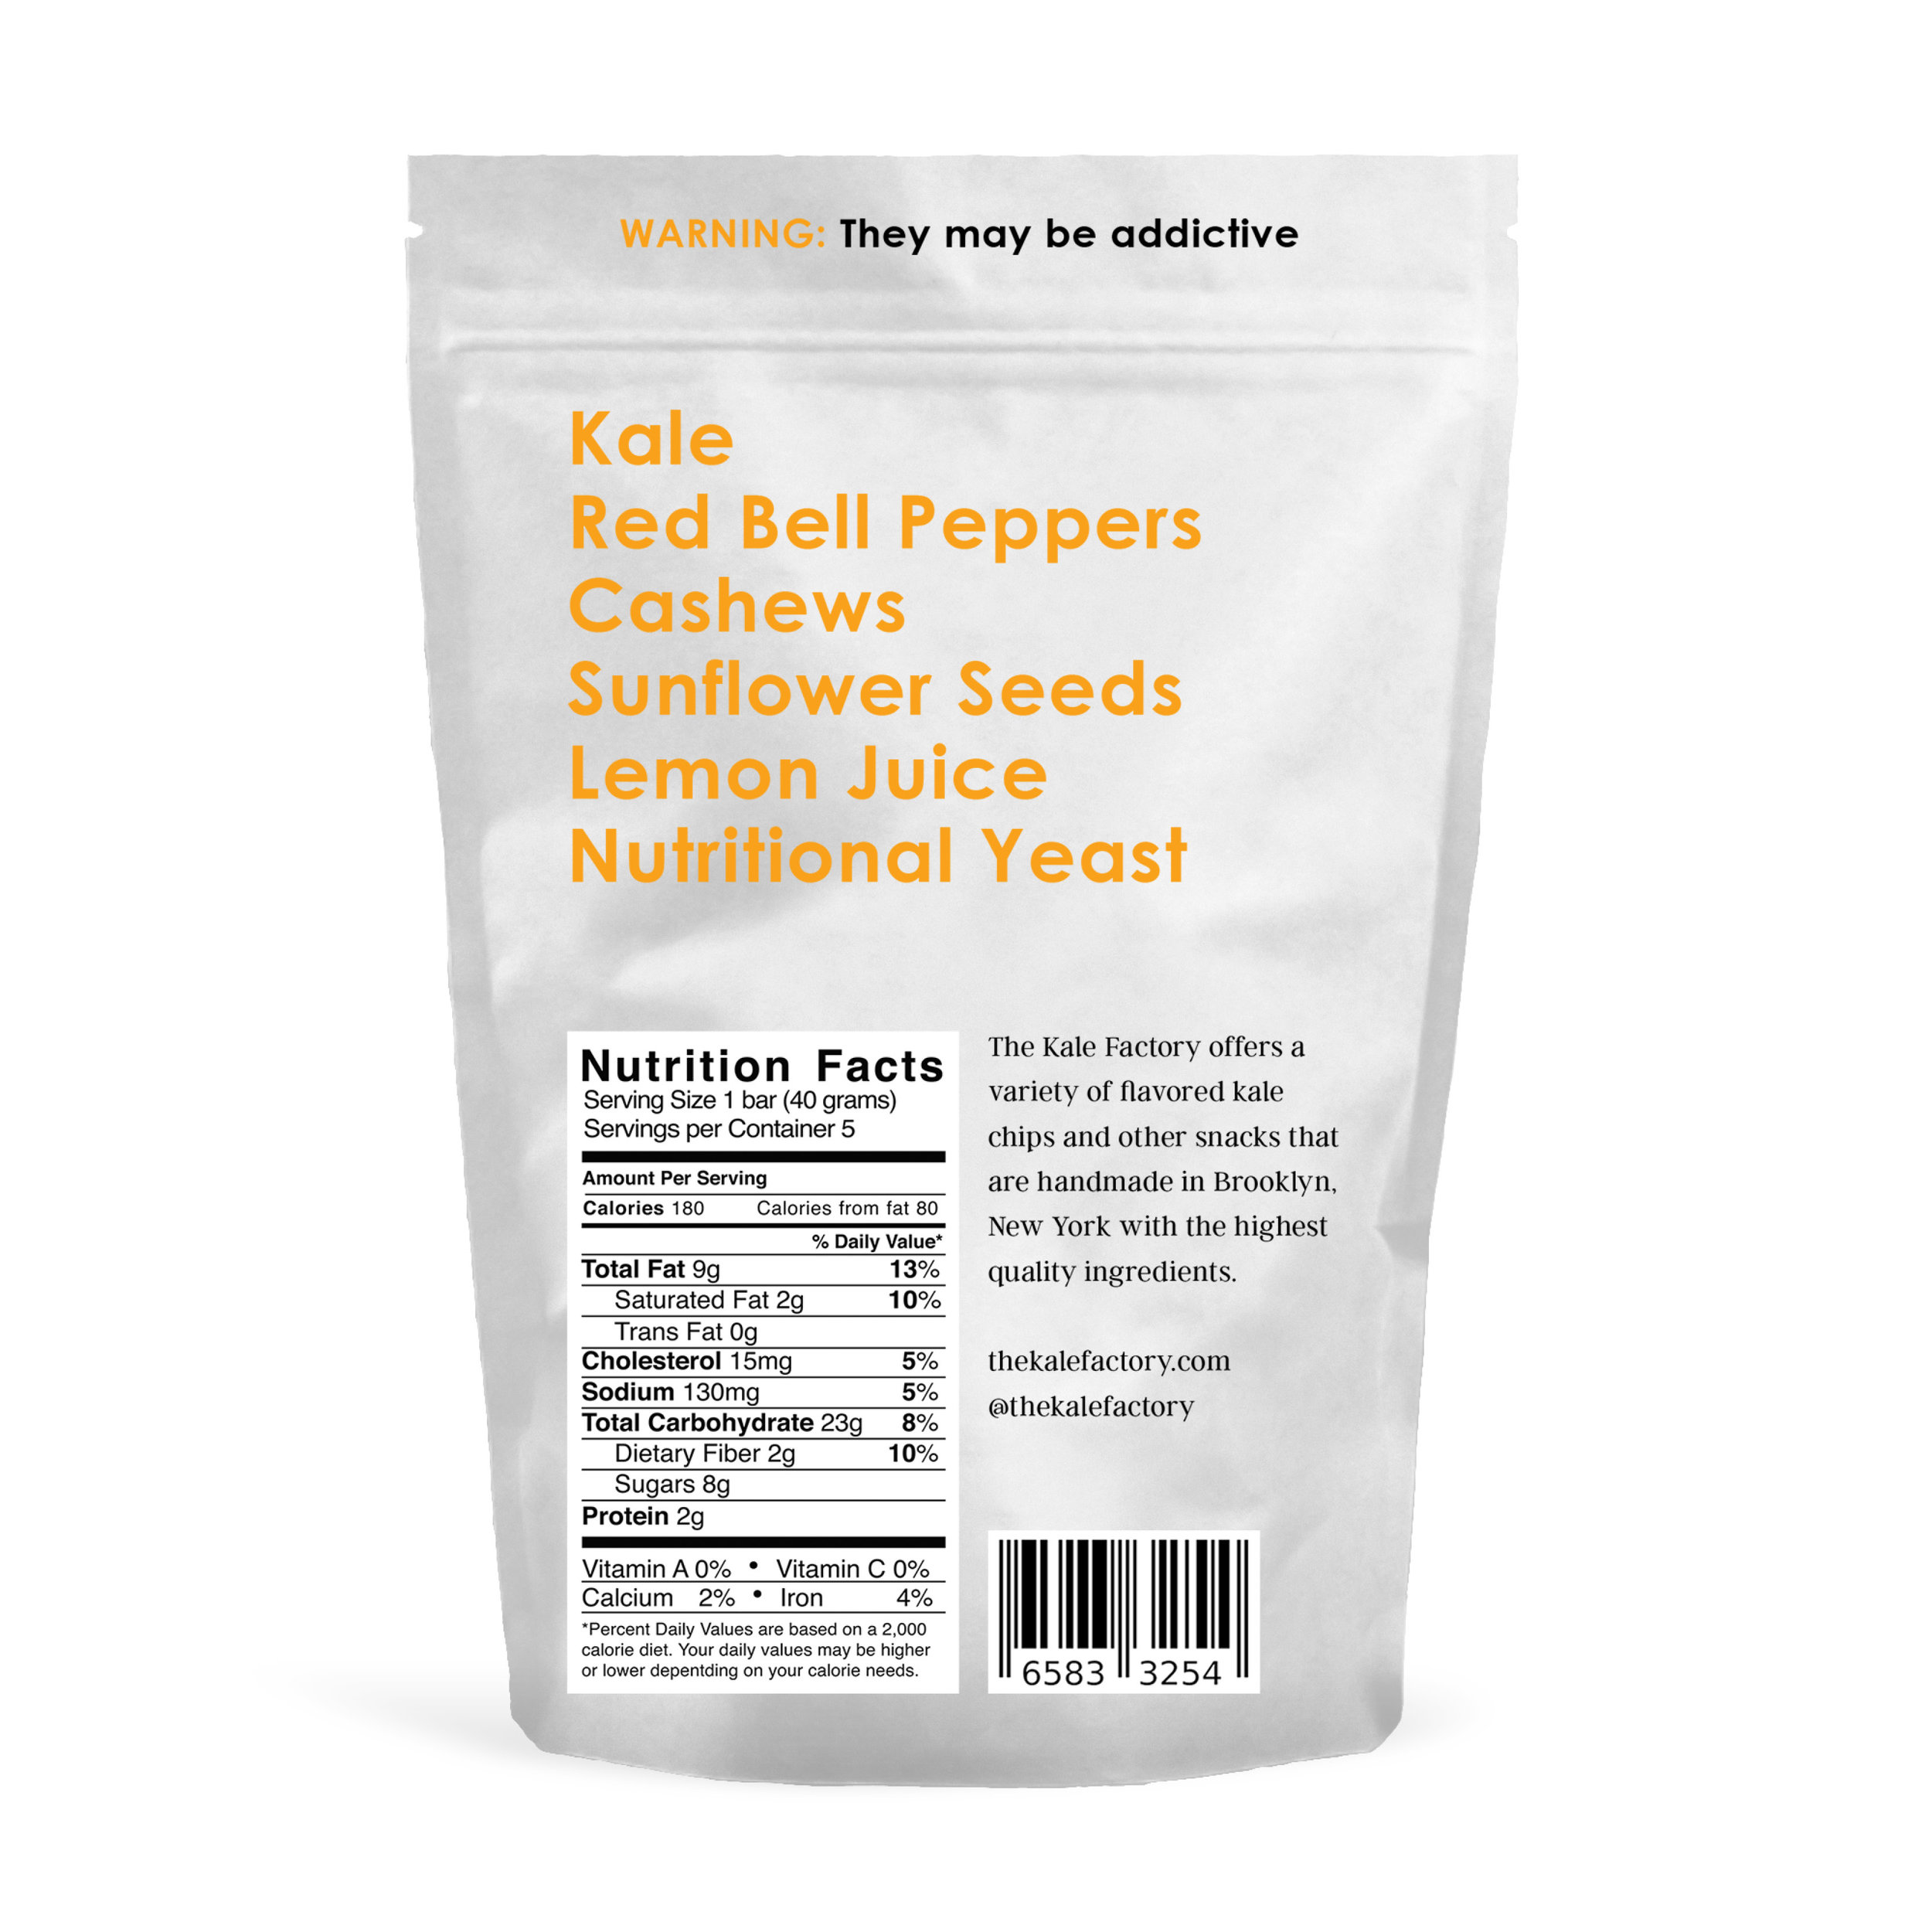 Kale-Packaging-Back-VeganCheese.jpg